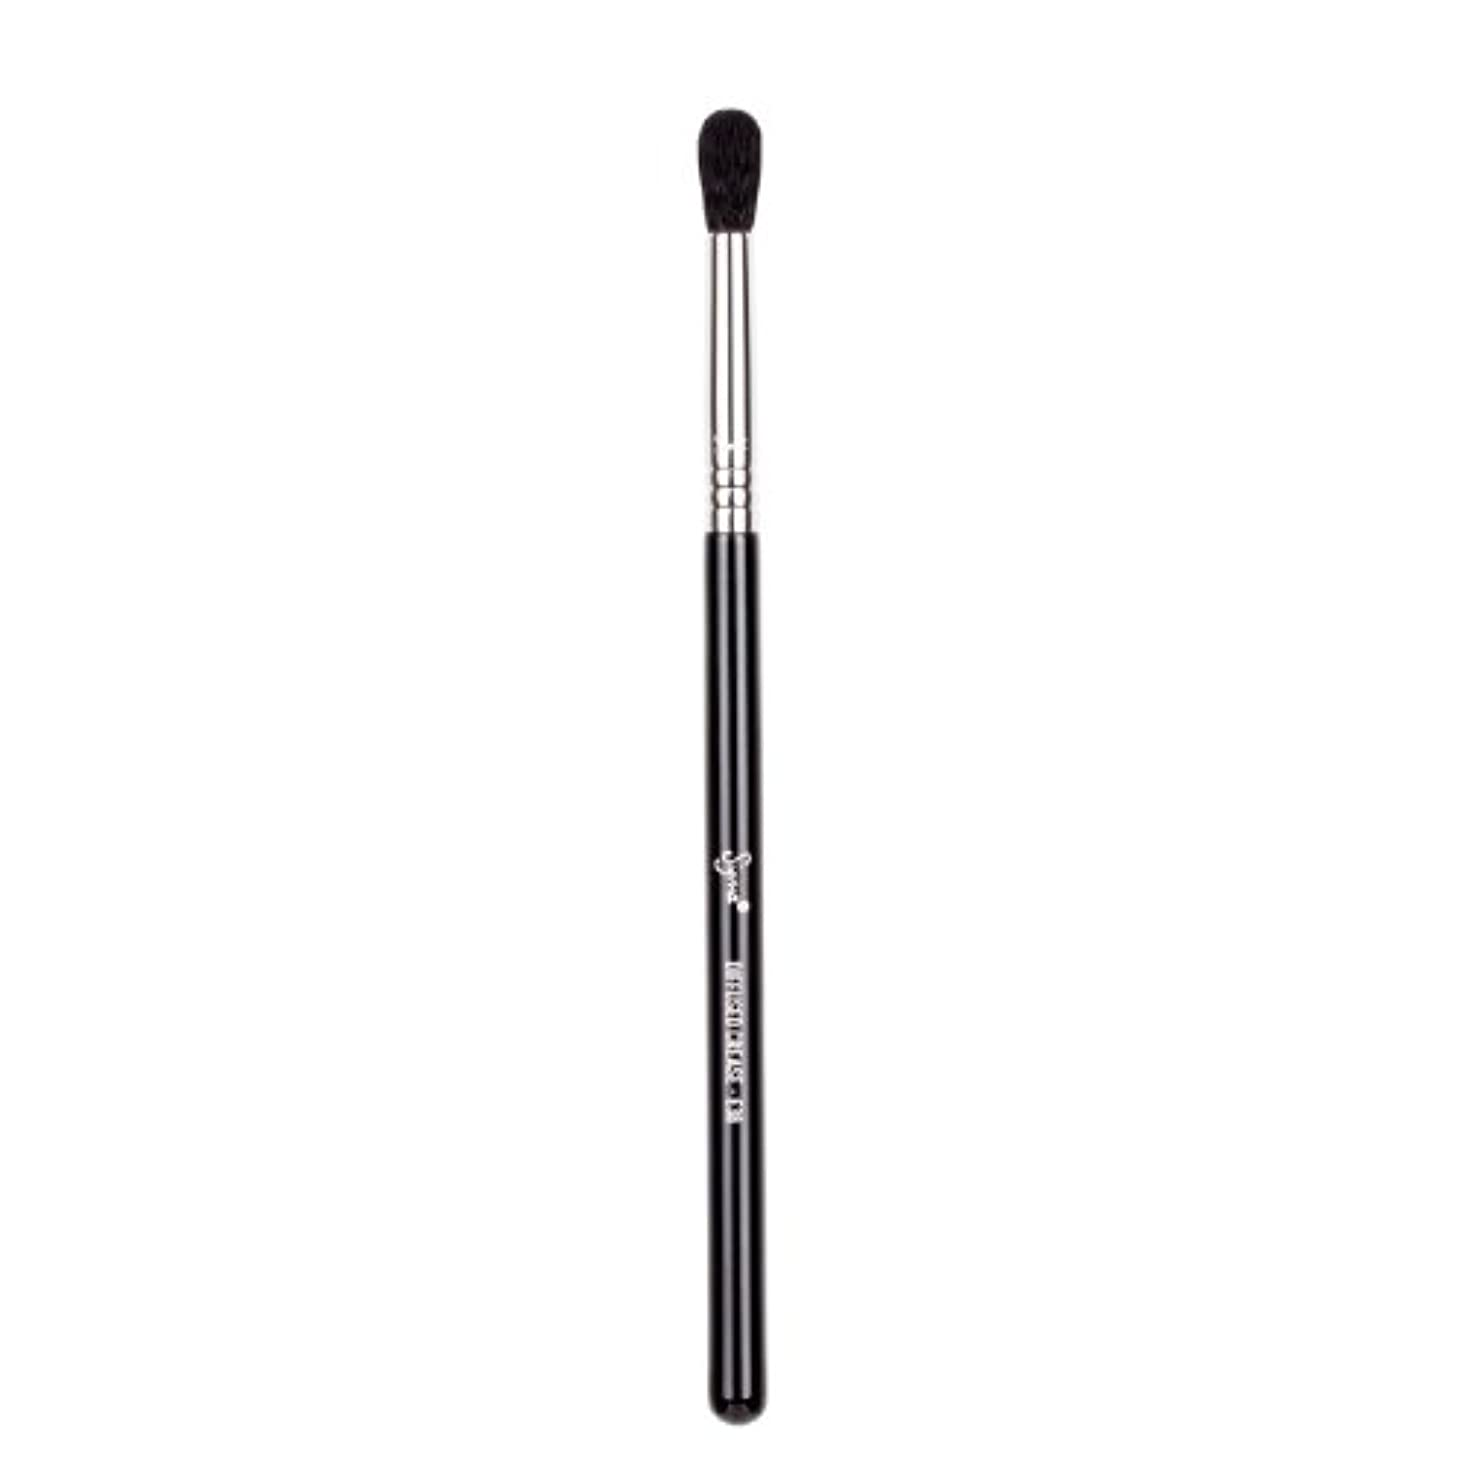 残高投げ捨てる筋肉のSigma Beauty E38 Diffused Crease Brush -並行輸入品